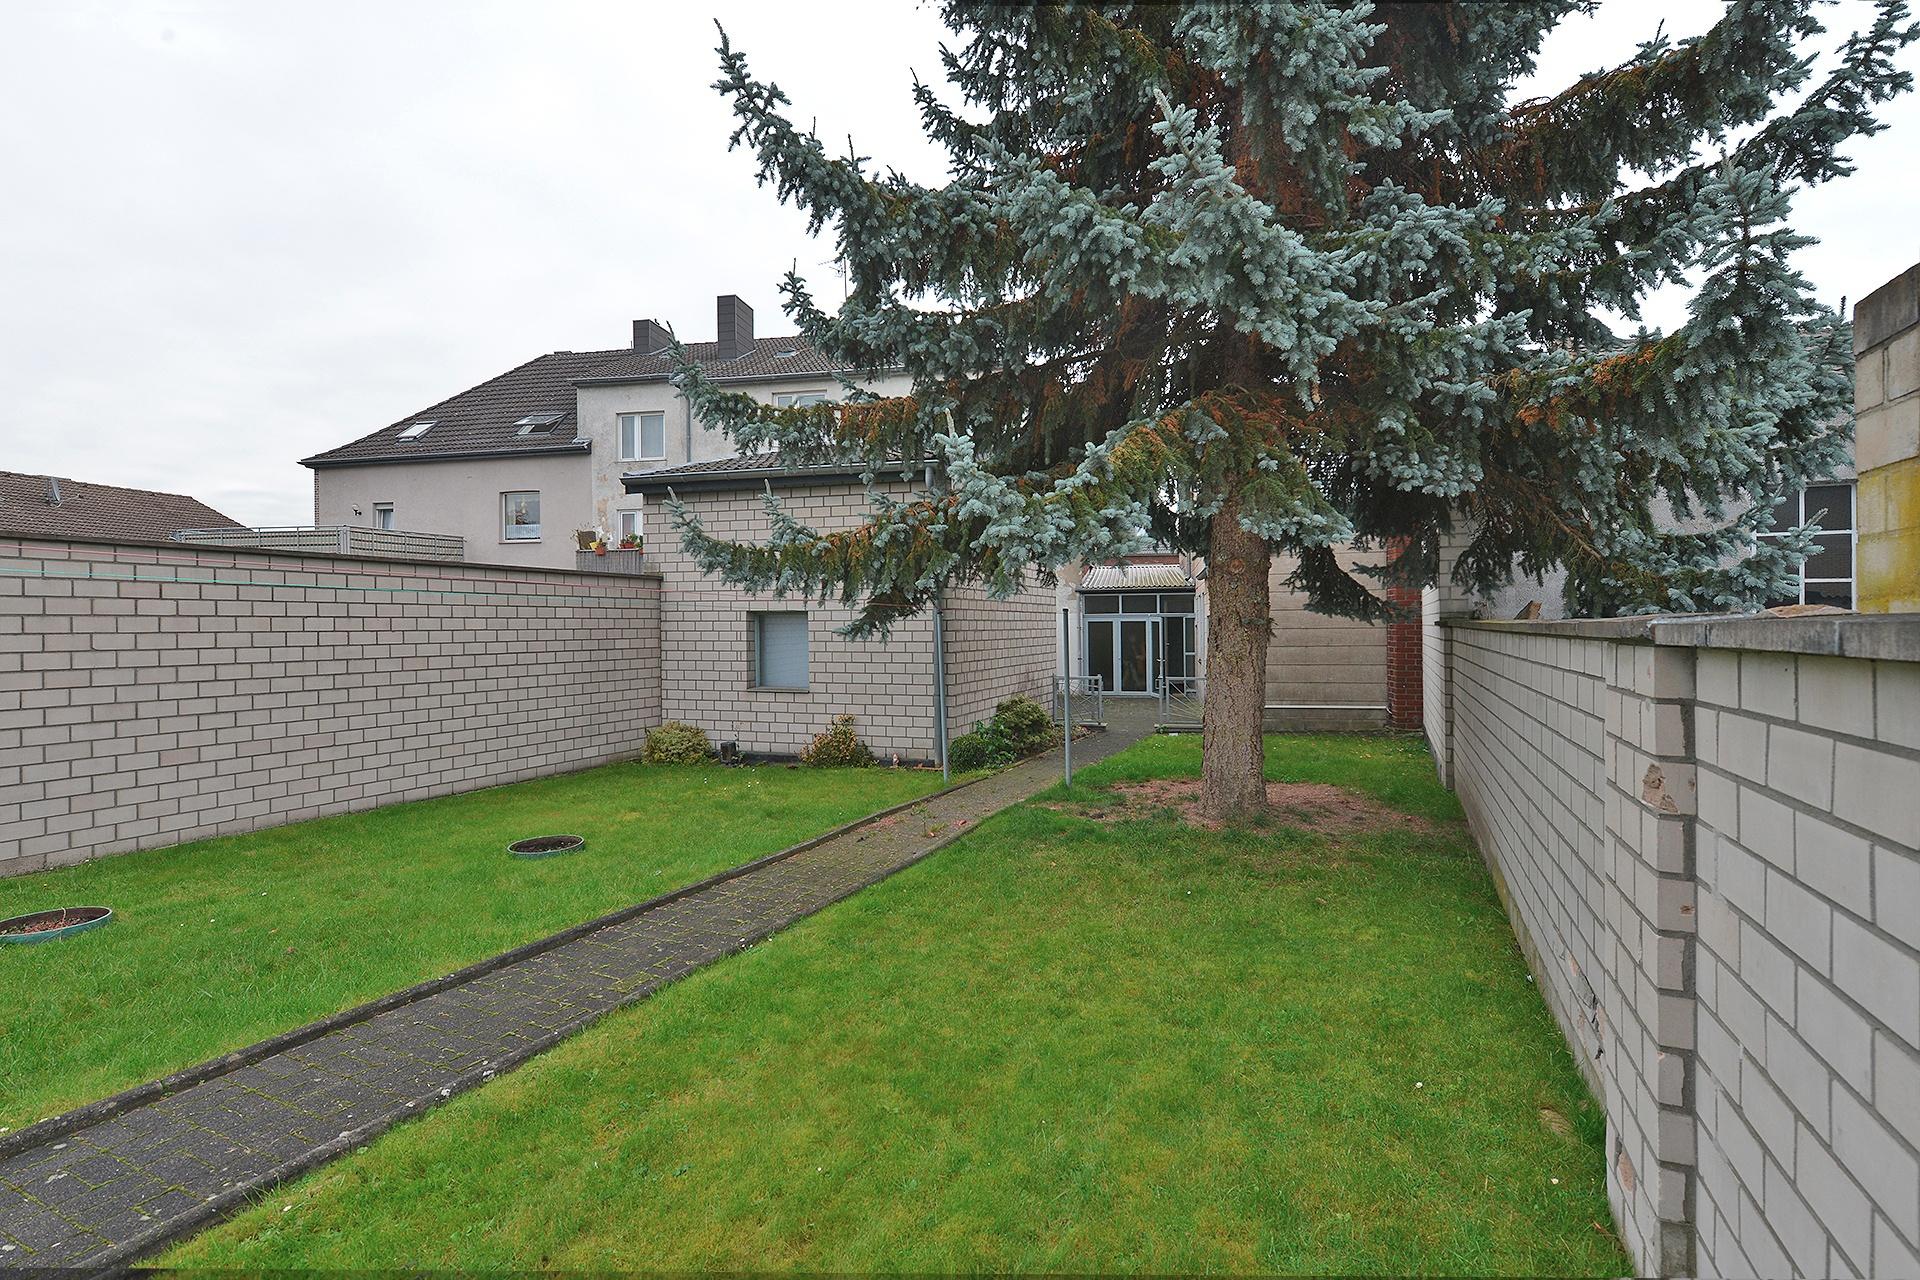 Immobilienmakler Alsdorf Reihenhaus referenzen mit Immobilienbewertung